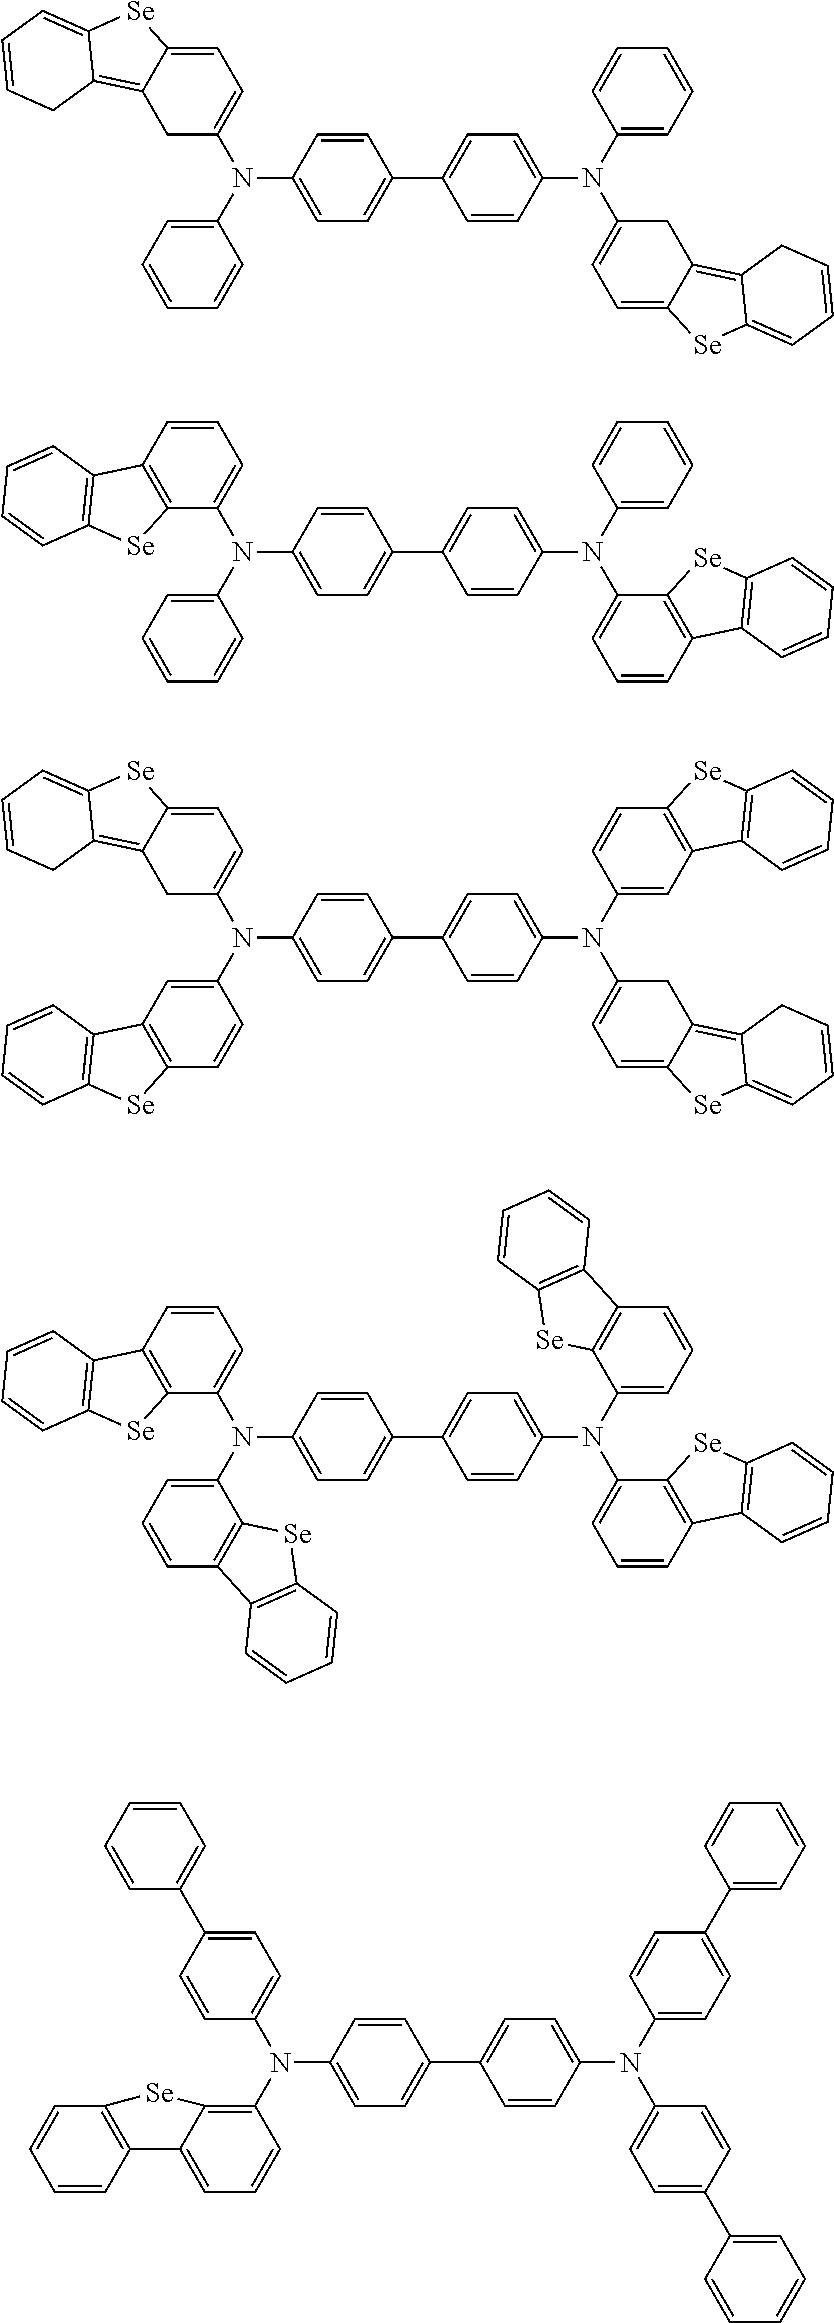 Figure US09455411-20160927-C00198